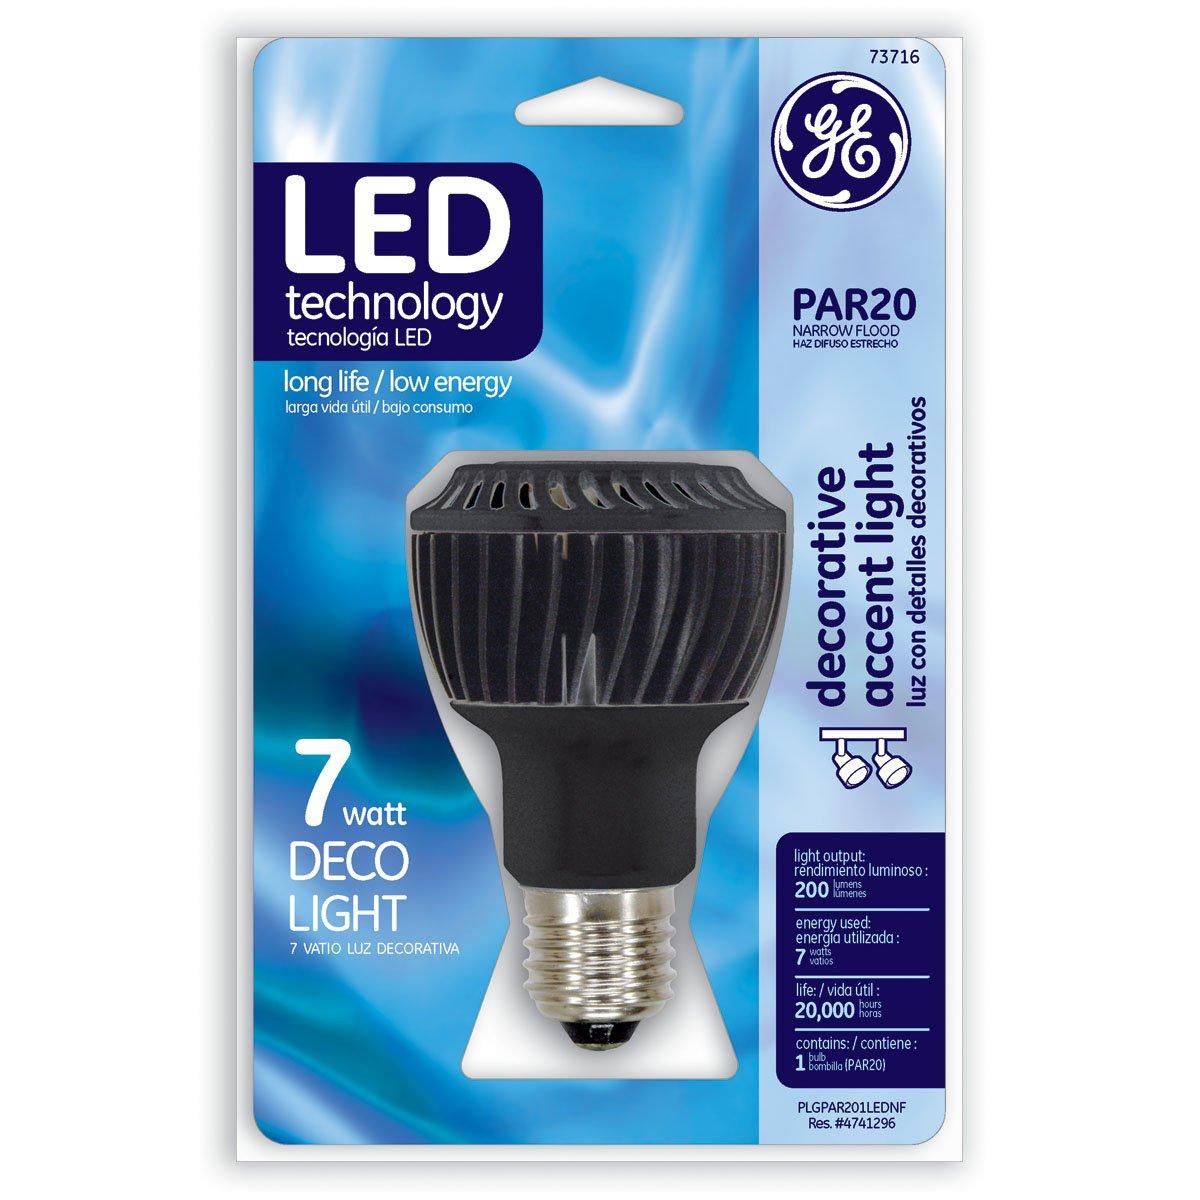 G E Lighting Ge 7W Par20 Led Bulb 73716 Light Bulbs Par GE Lighting 74439